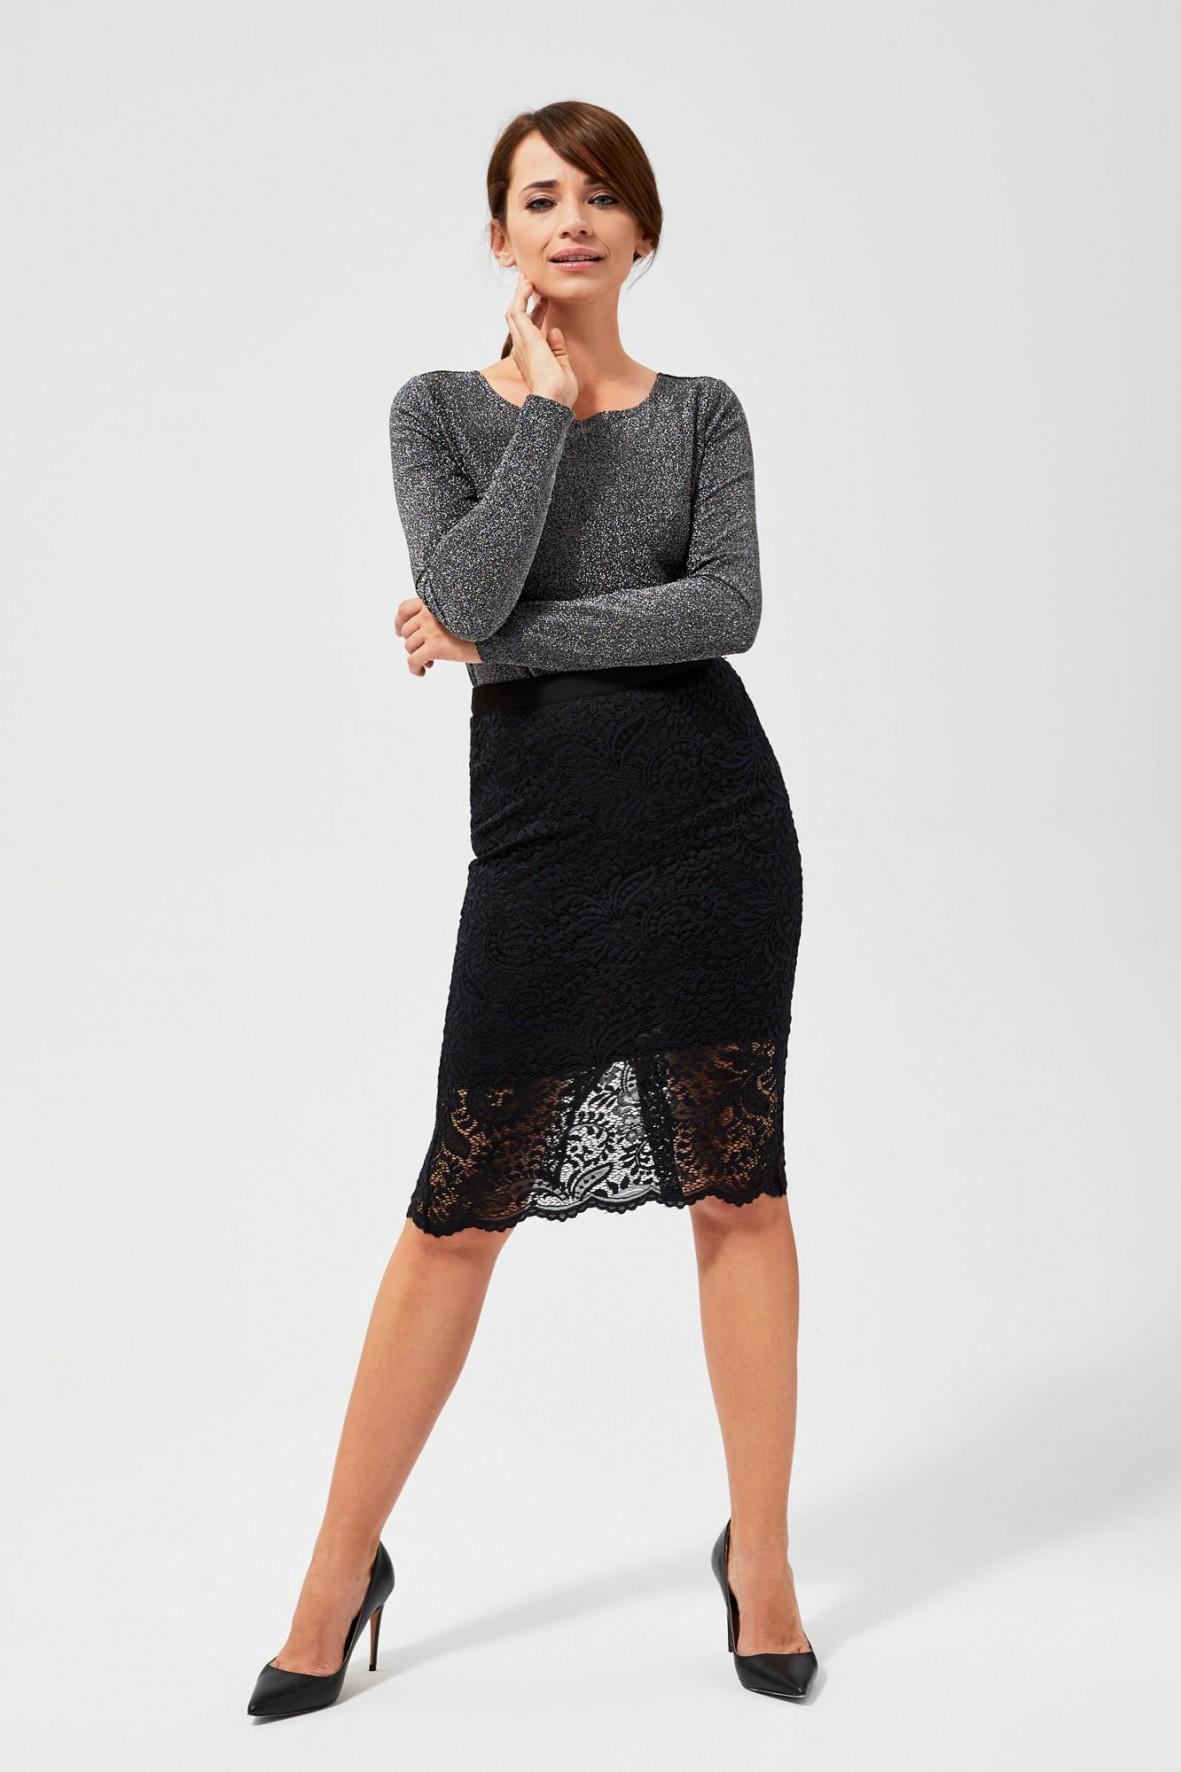 Elegancka spódnica koronkowa dla kobiet- czarna